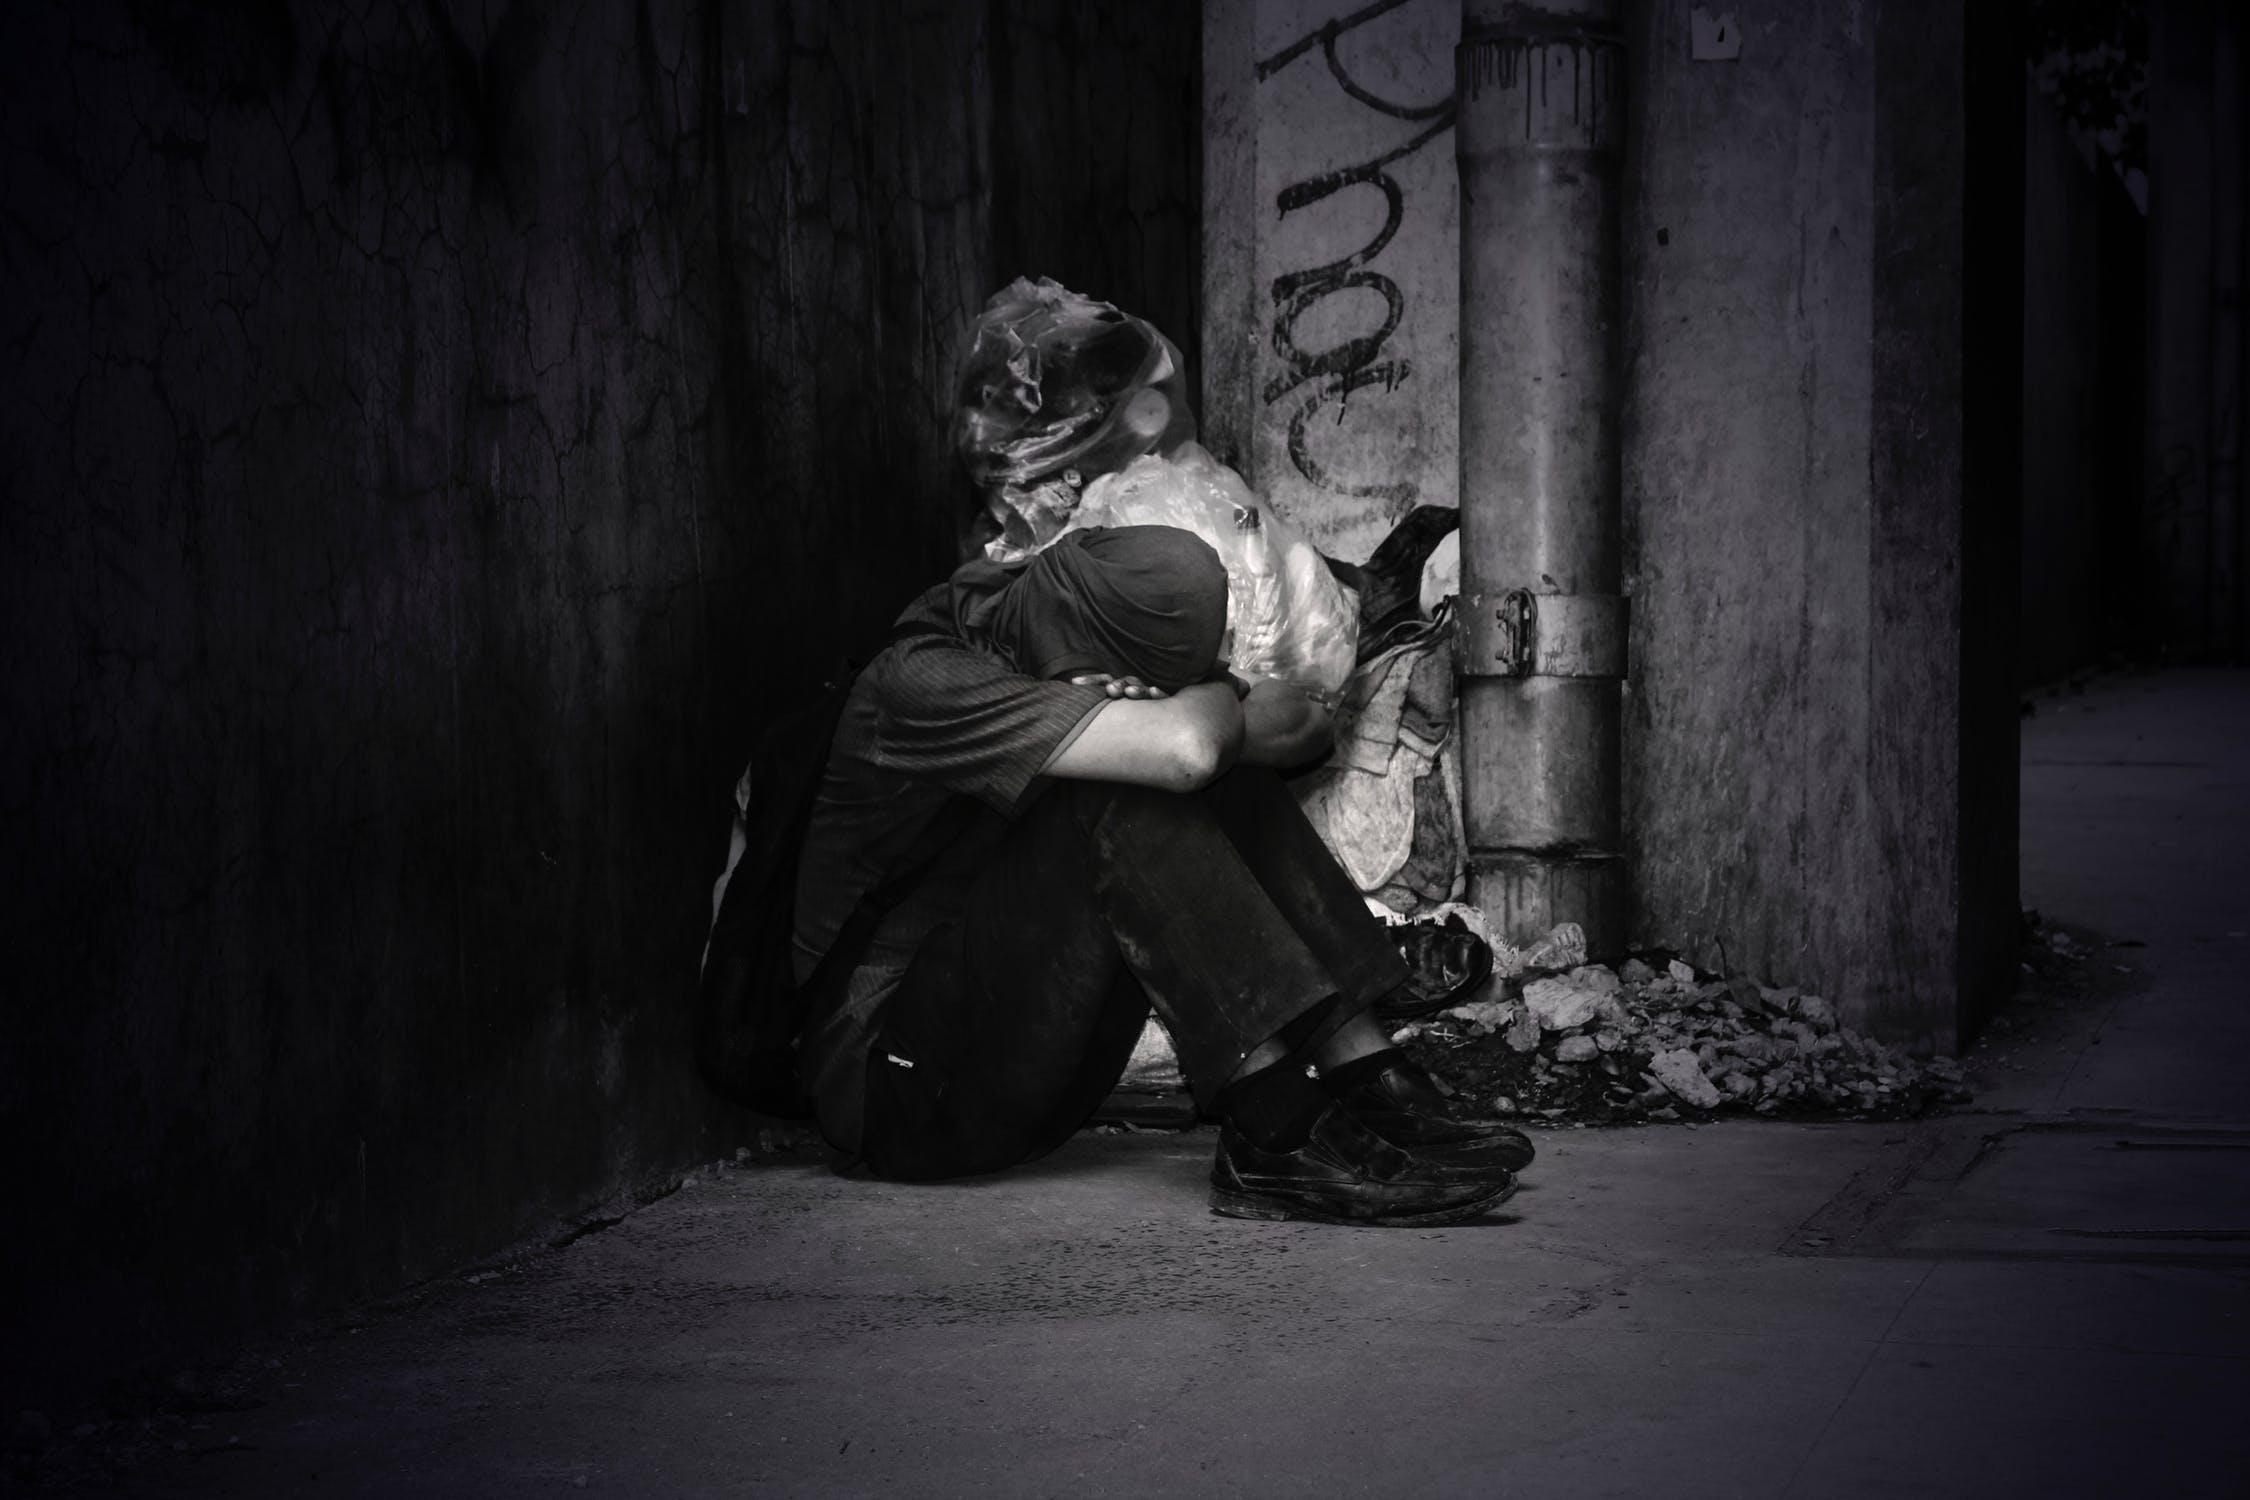 Hình nền anh chàng ngồi buồn khóc một mình